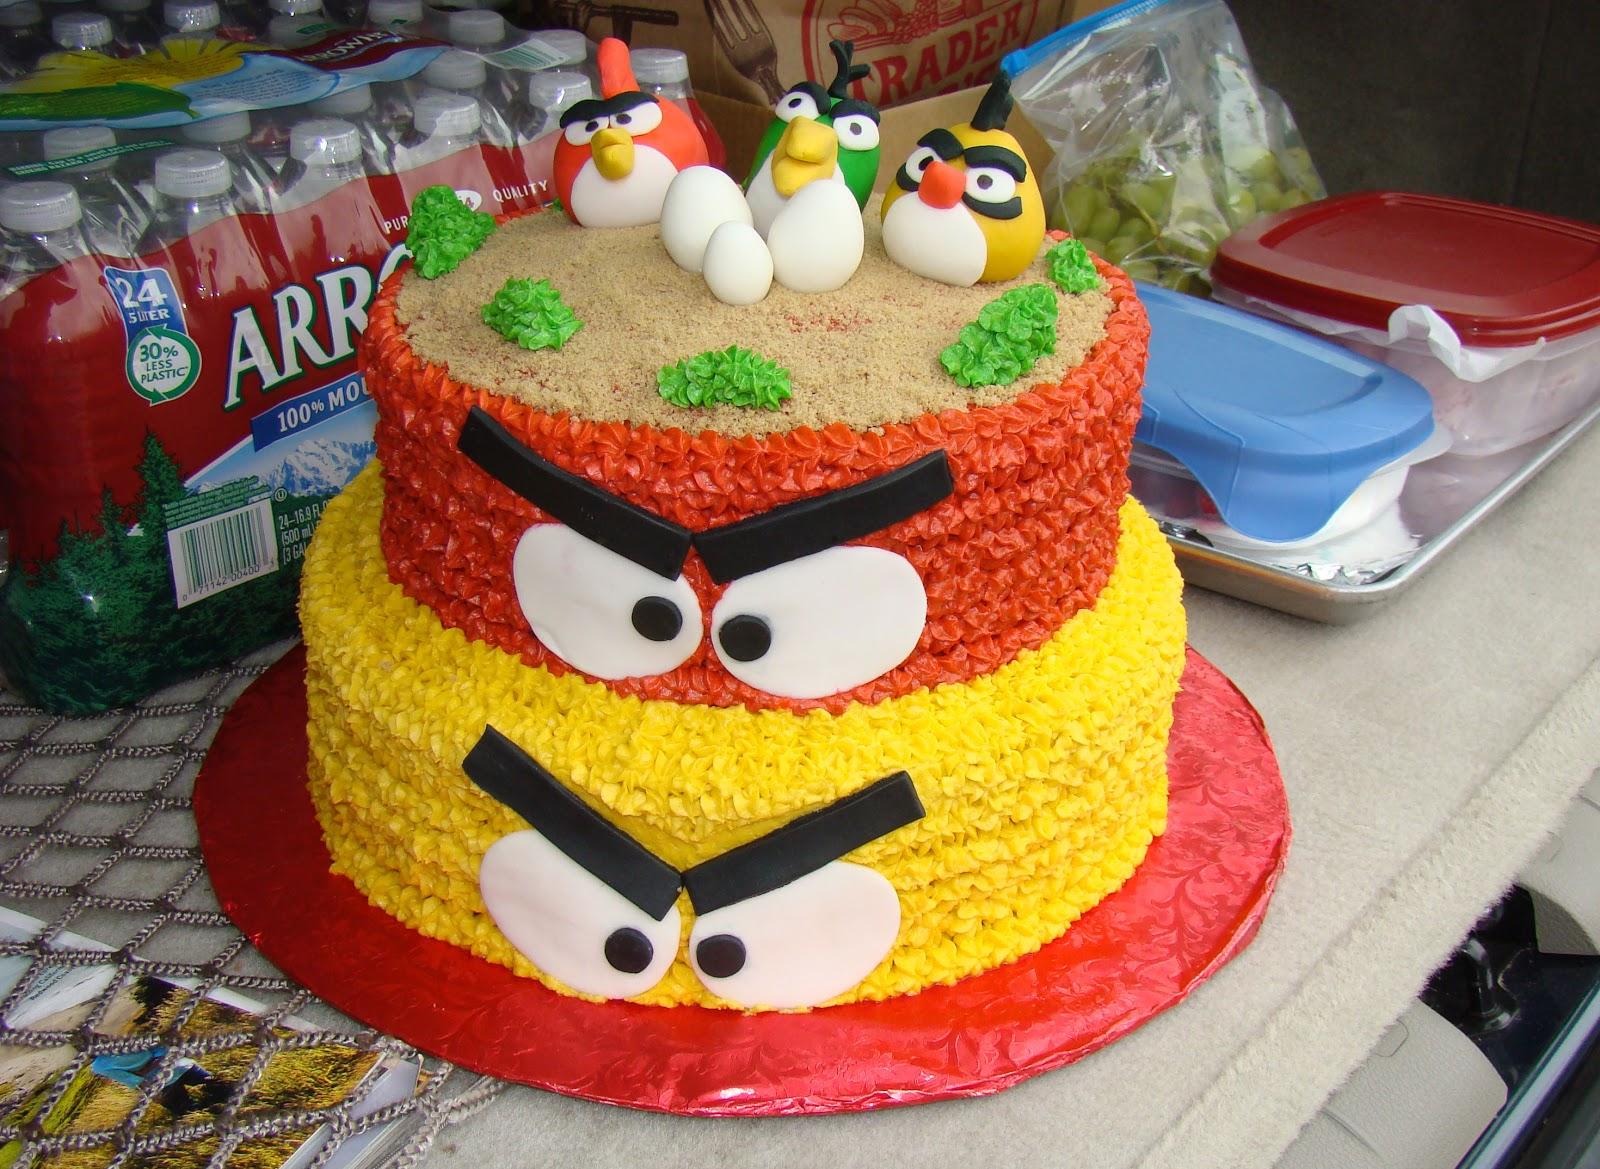 Pictures Of Angry Birds Birthday Cakes : Organizar una Fiesta Tematica de Angry Birds Arcos con ...